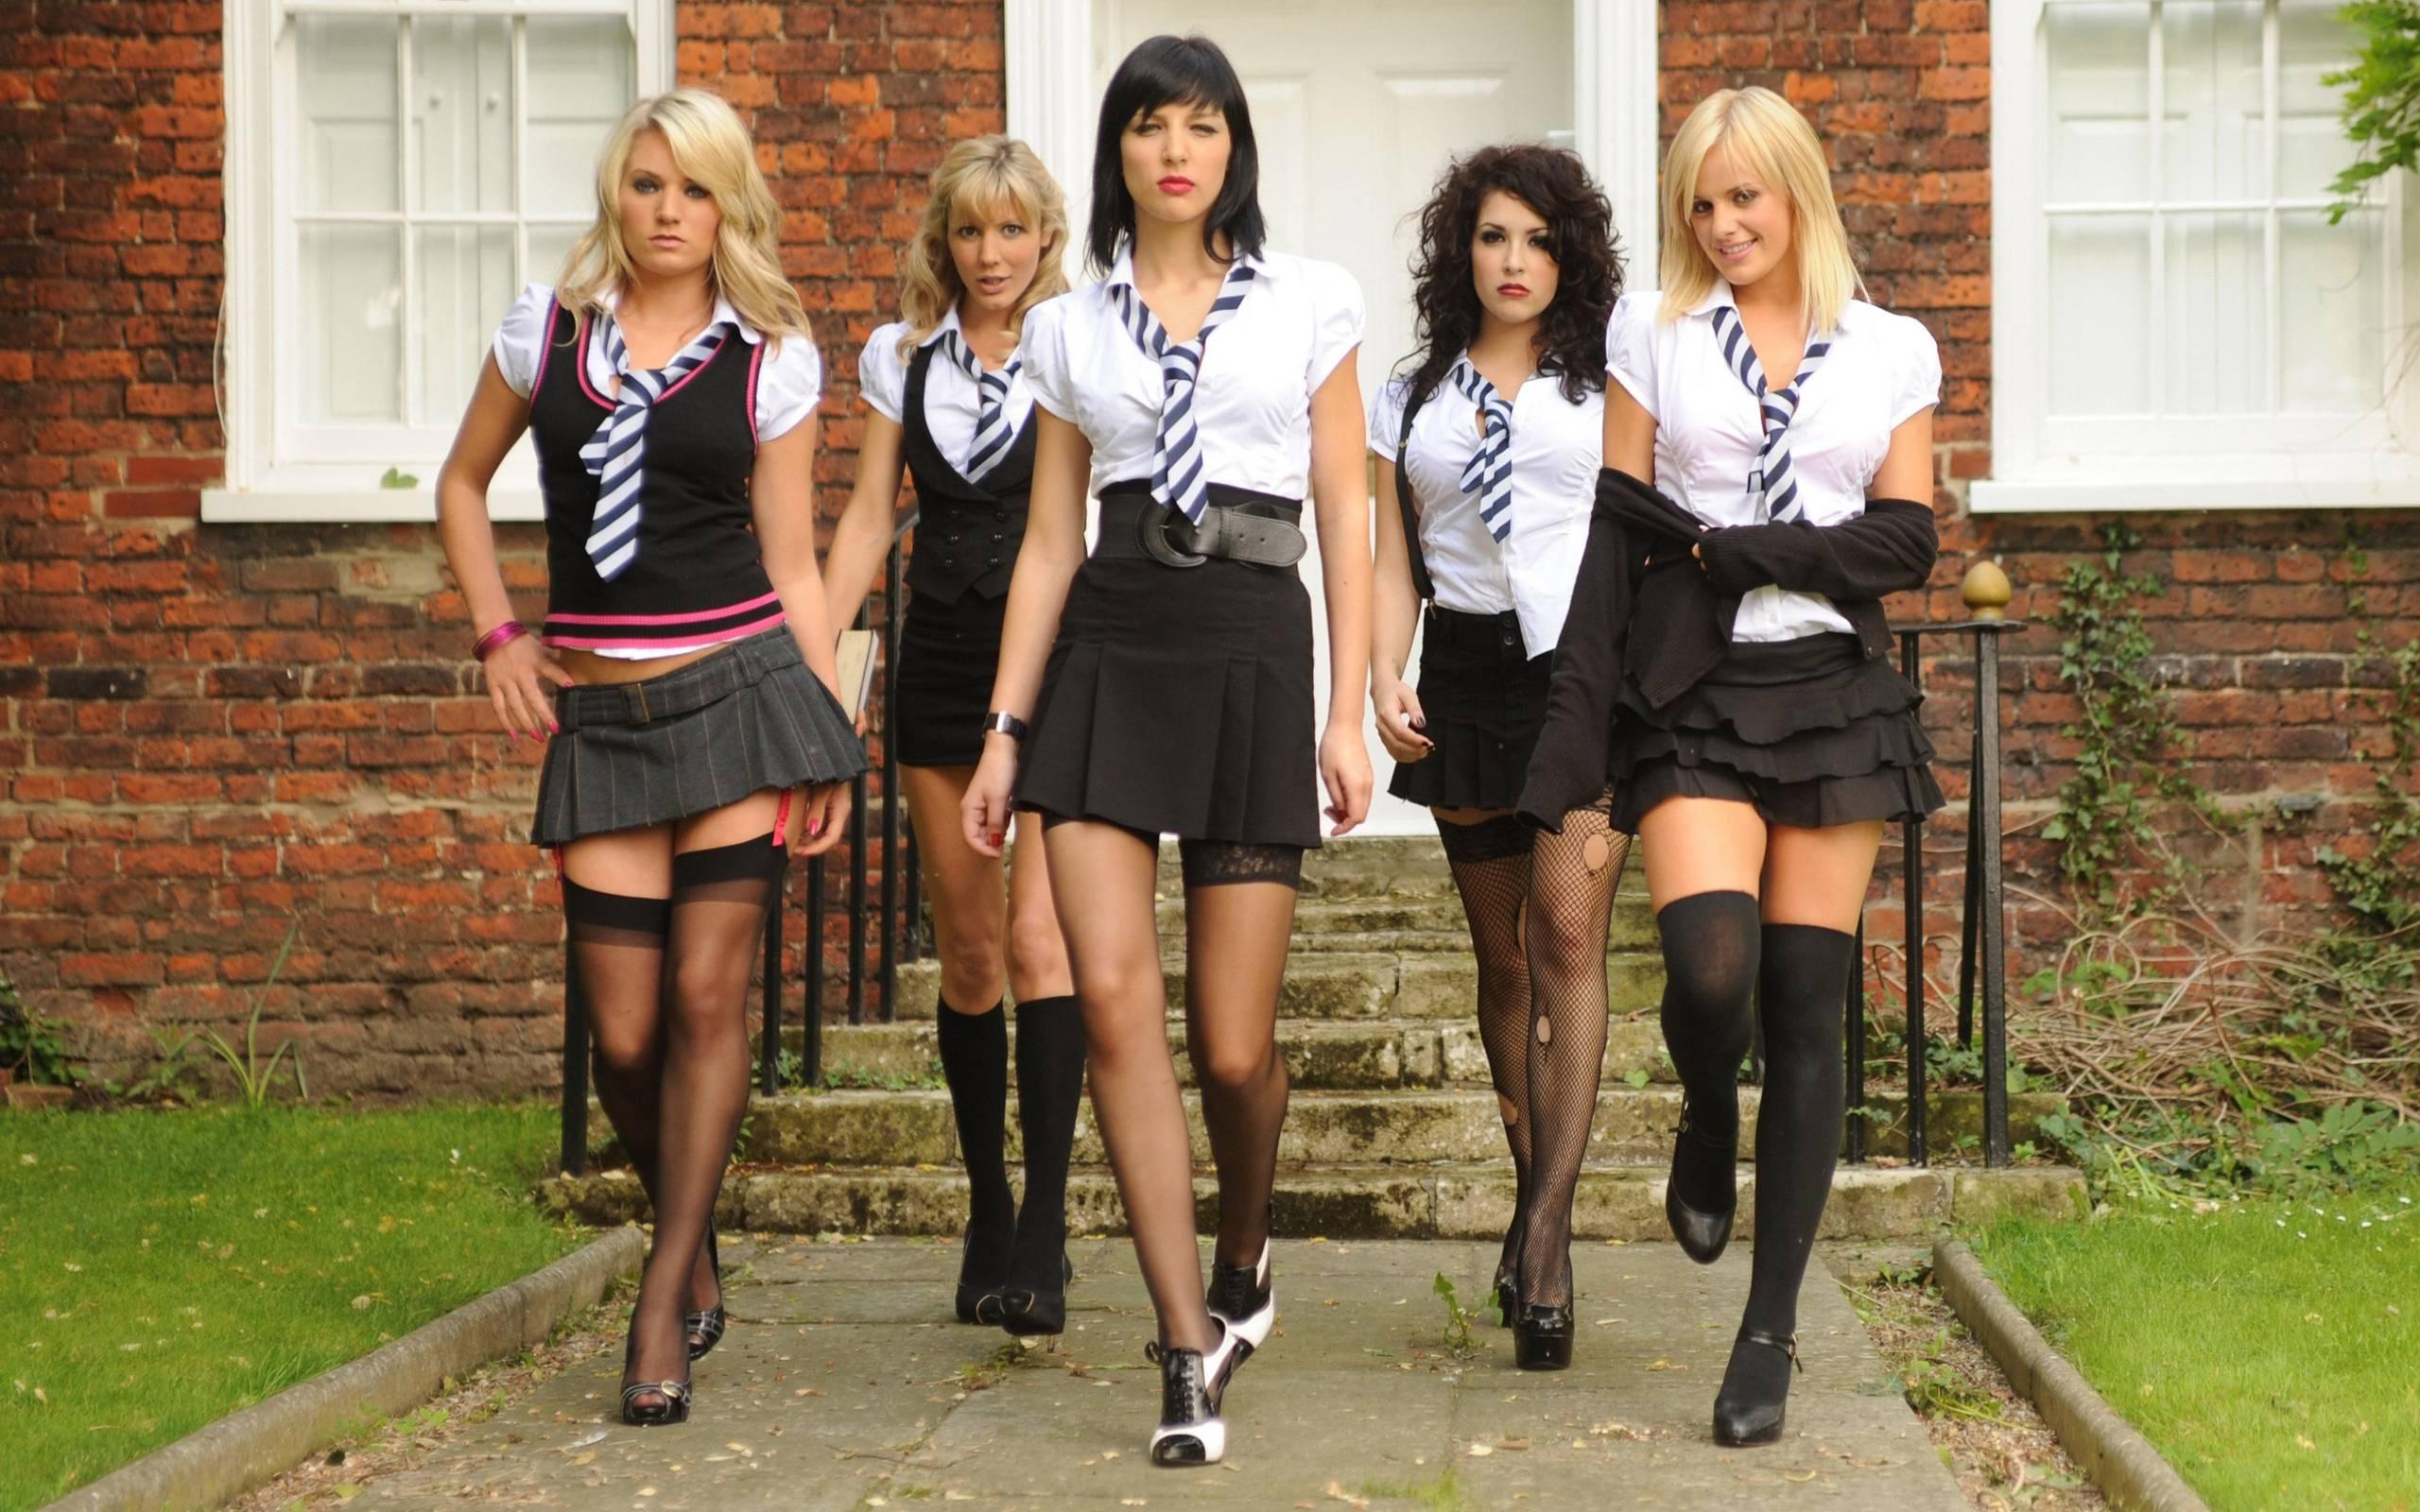 Проститутки для школьников проститутки октябрь